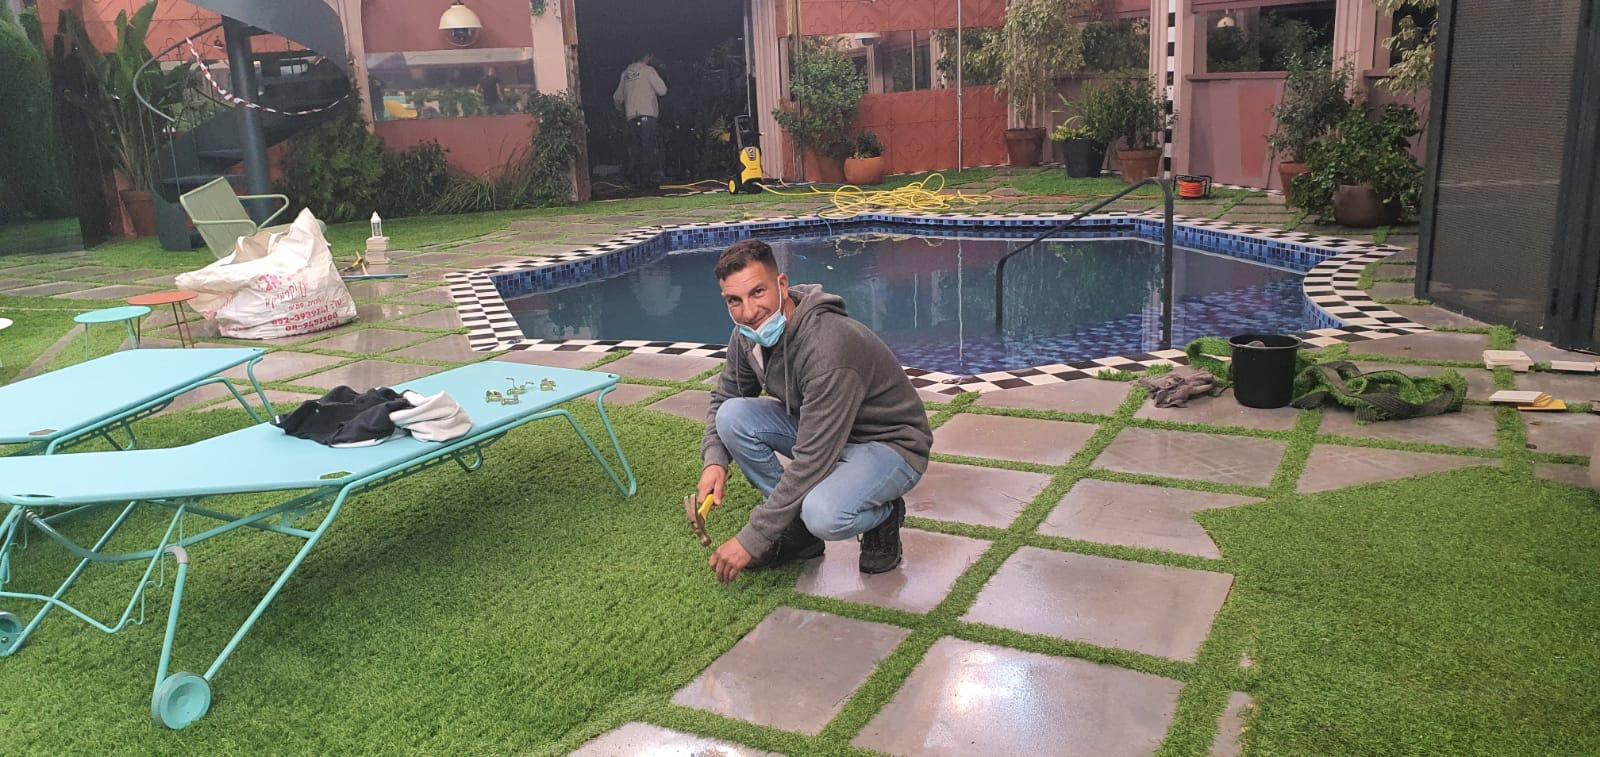 עיצוב גינה ודשא בבית האח הגדול 2020 5